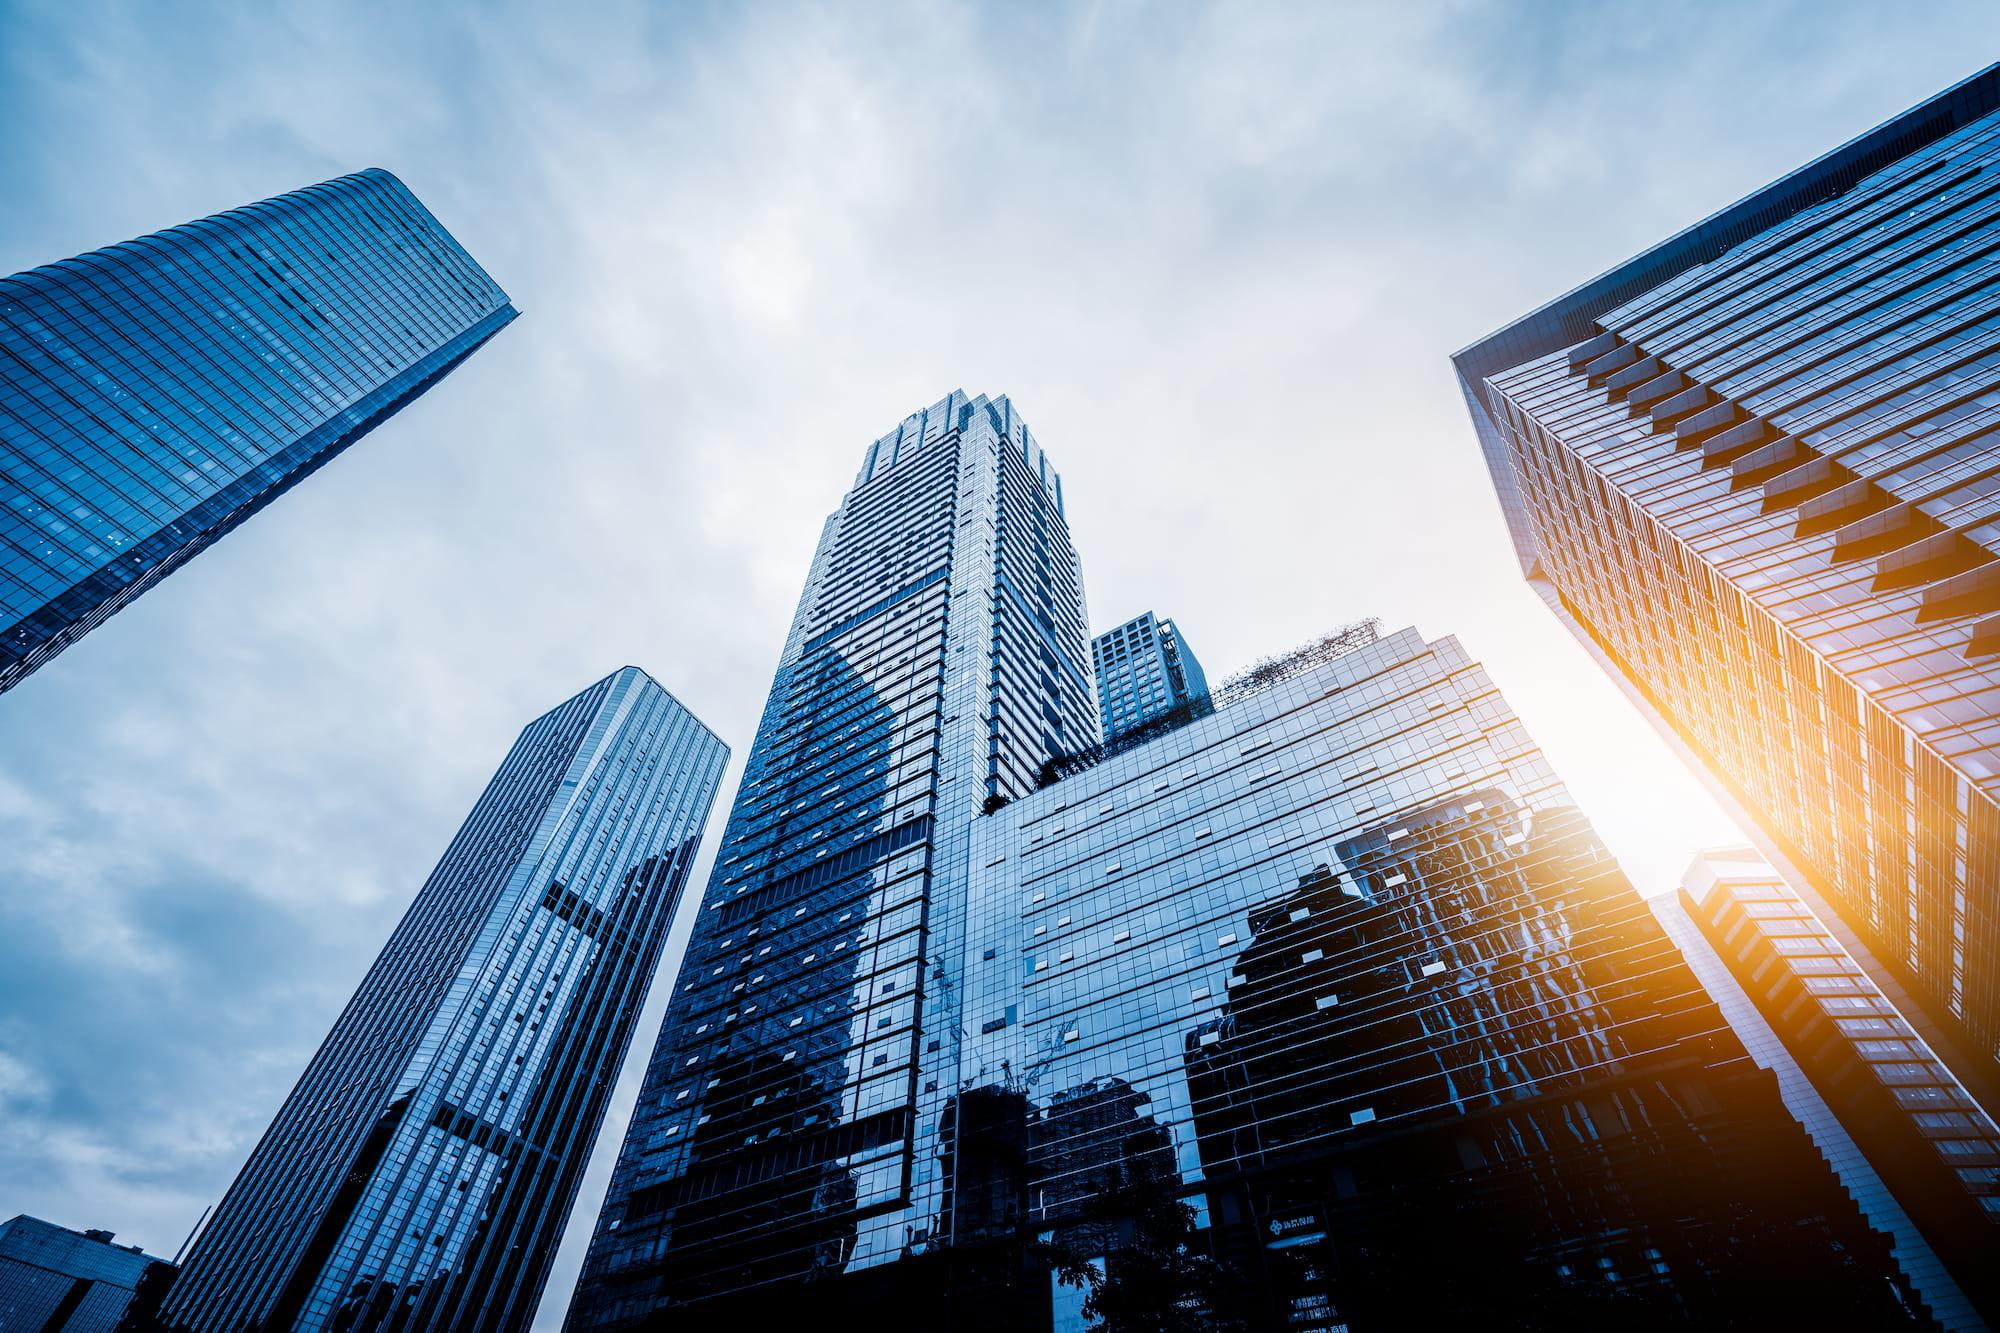 Image of a skyscraper